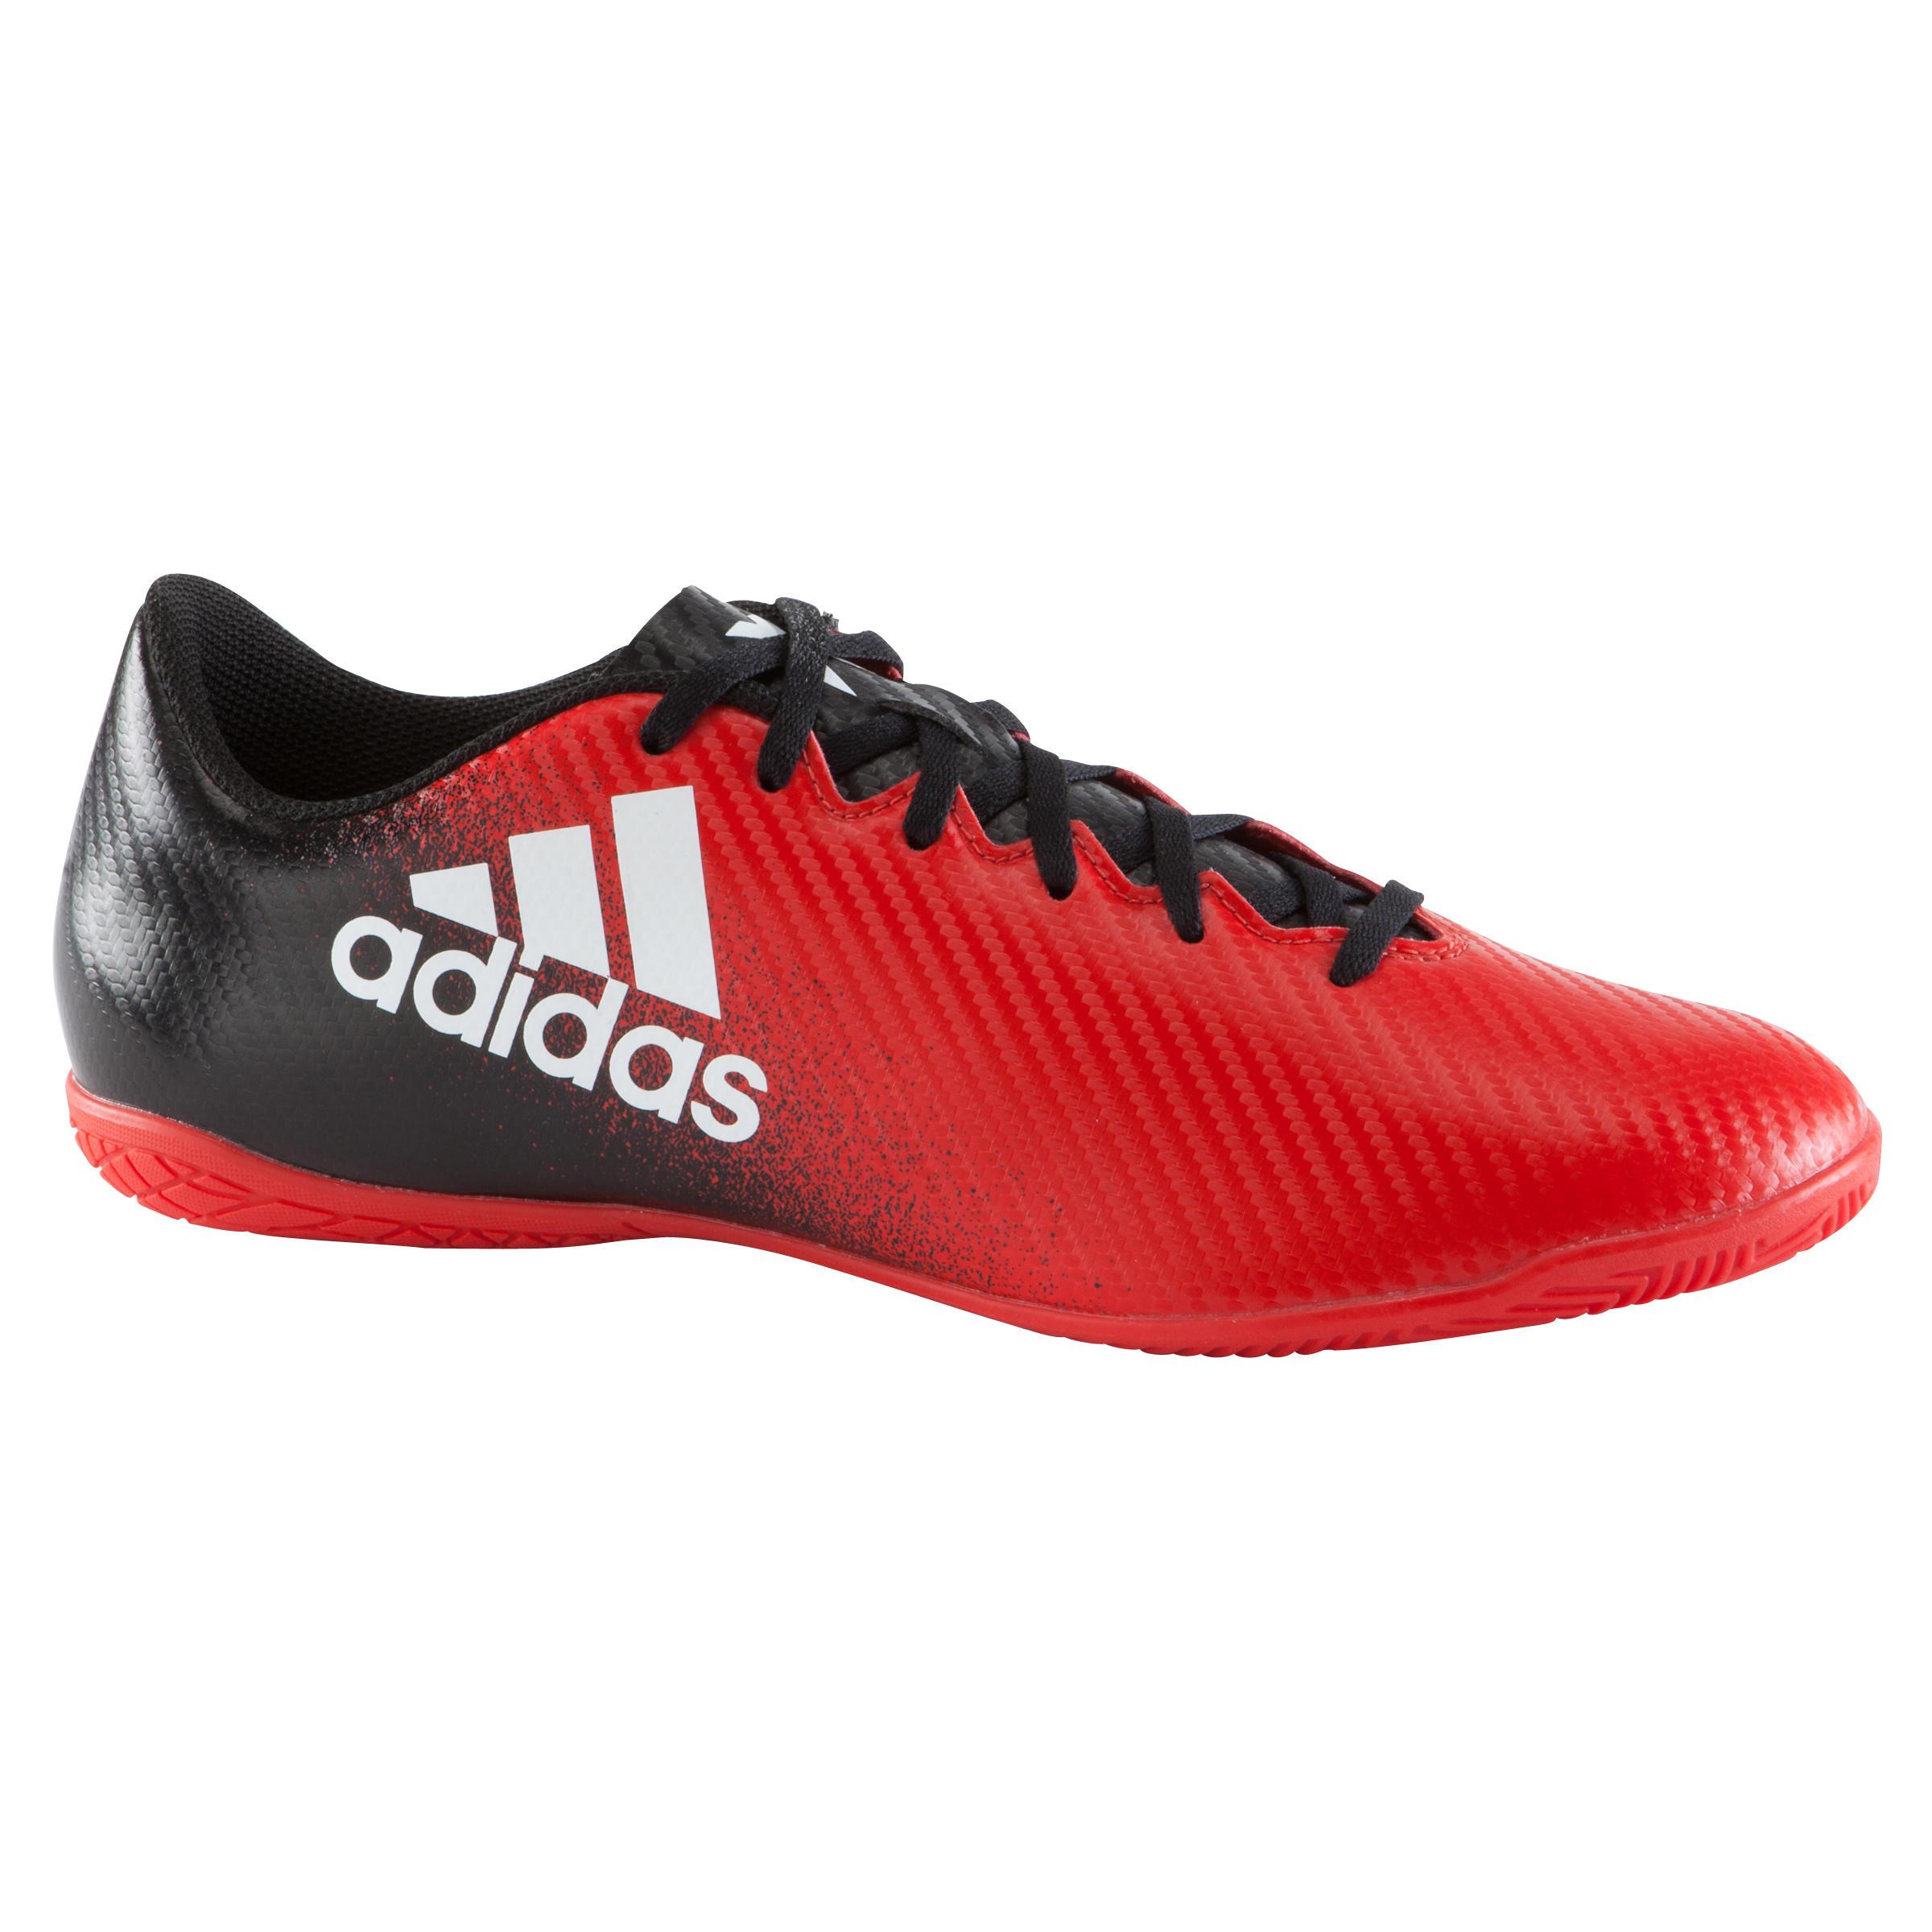 b2521736c05 adidas zaalschoenen